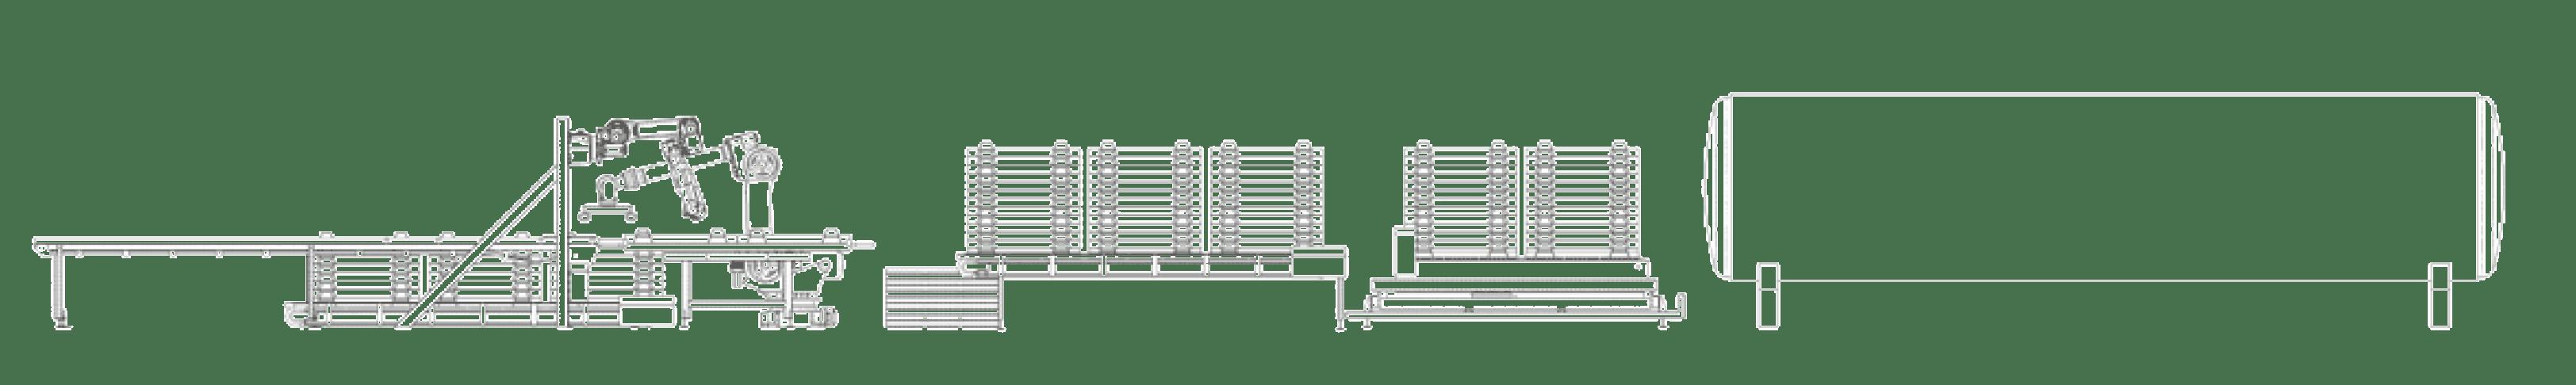 machine-environnementautoclave